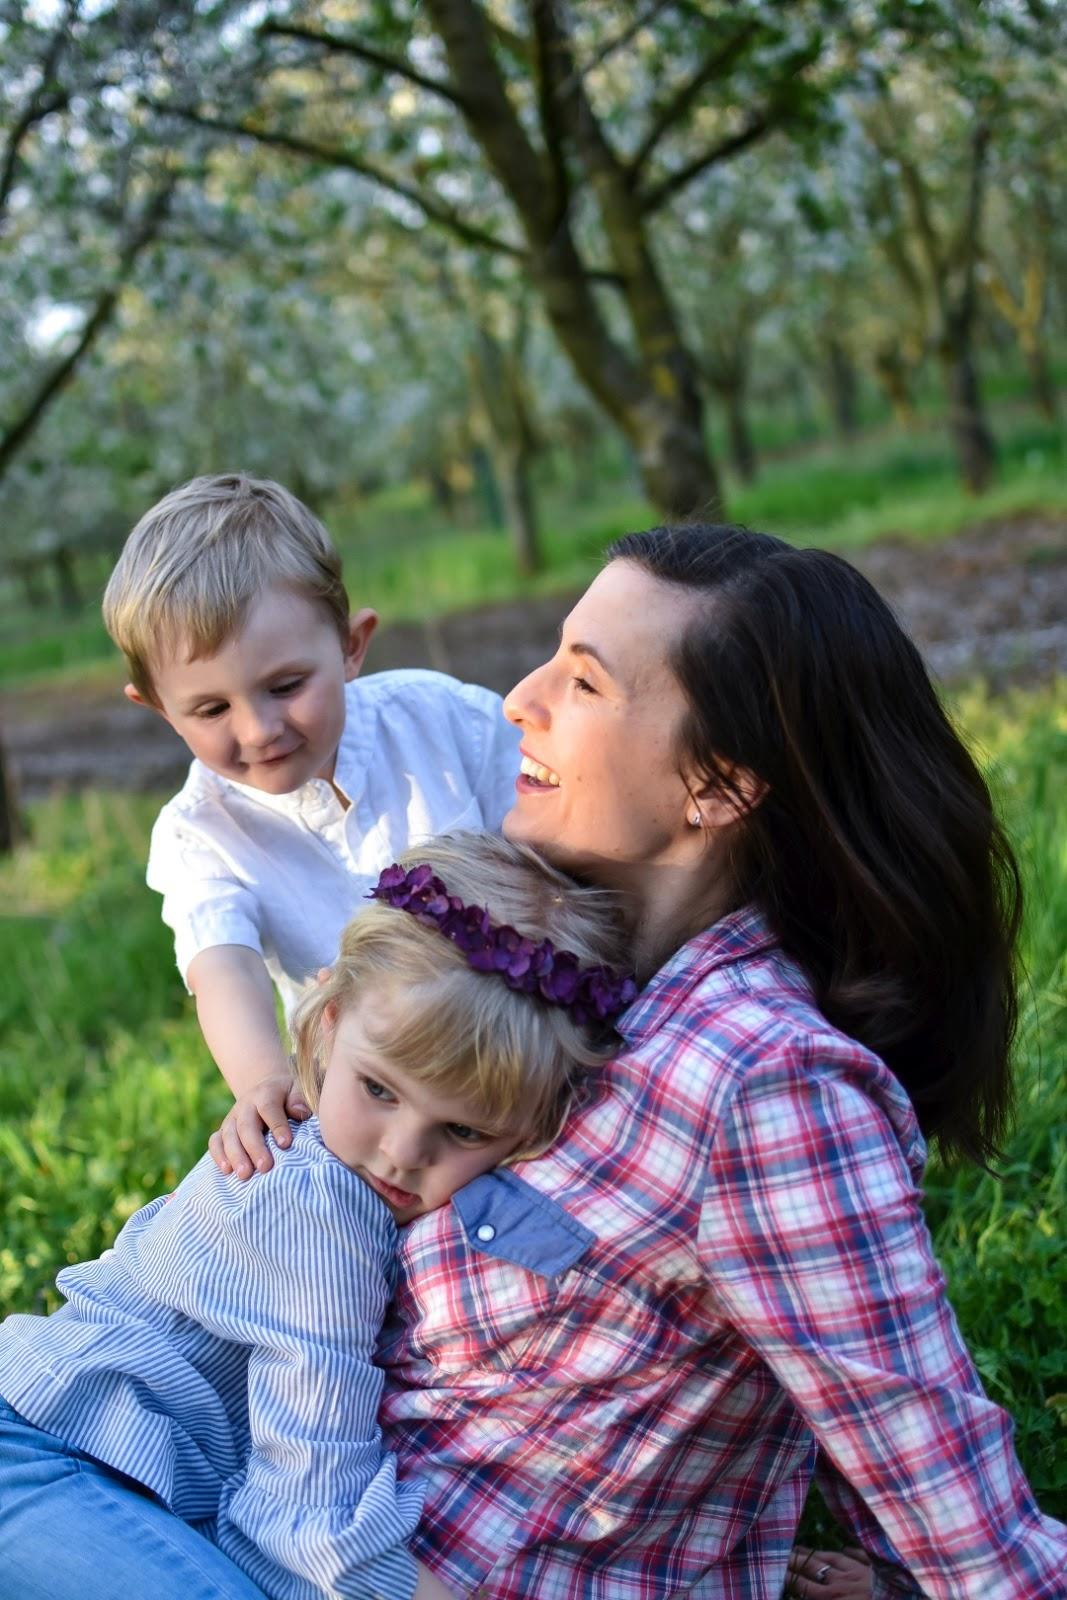 těhotenství, miminko, karanténa, s dětmi v karanténě, mateřství, mateřská